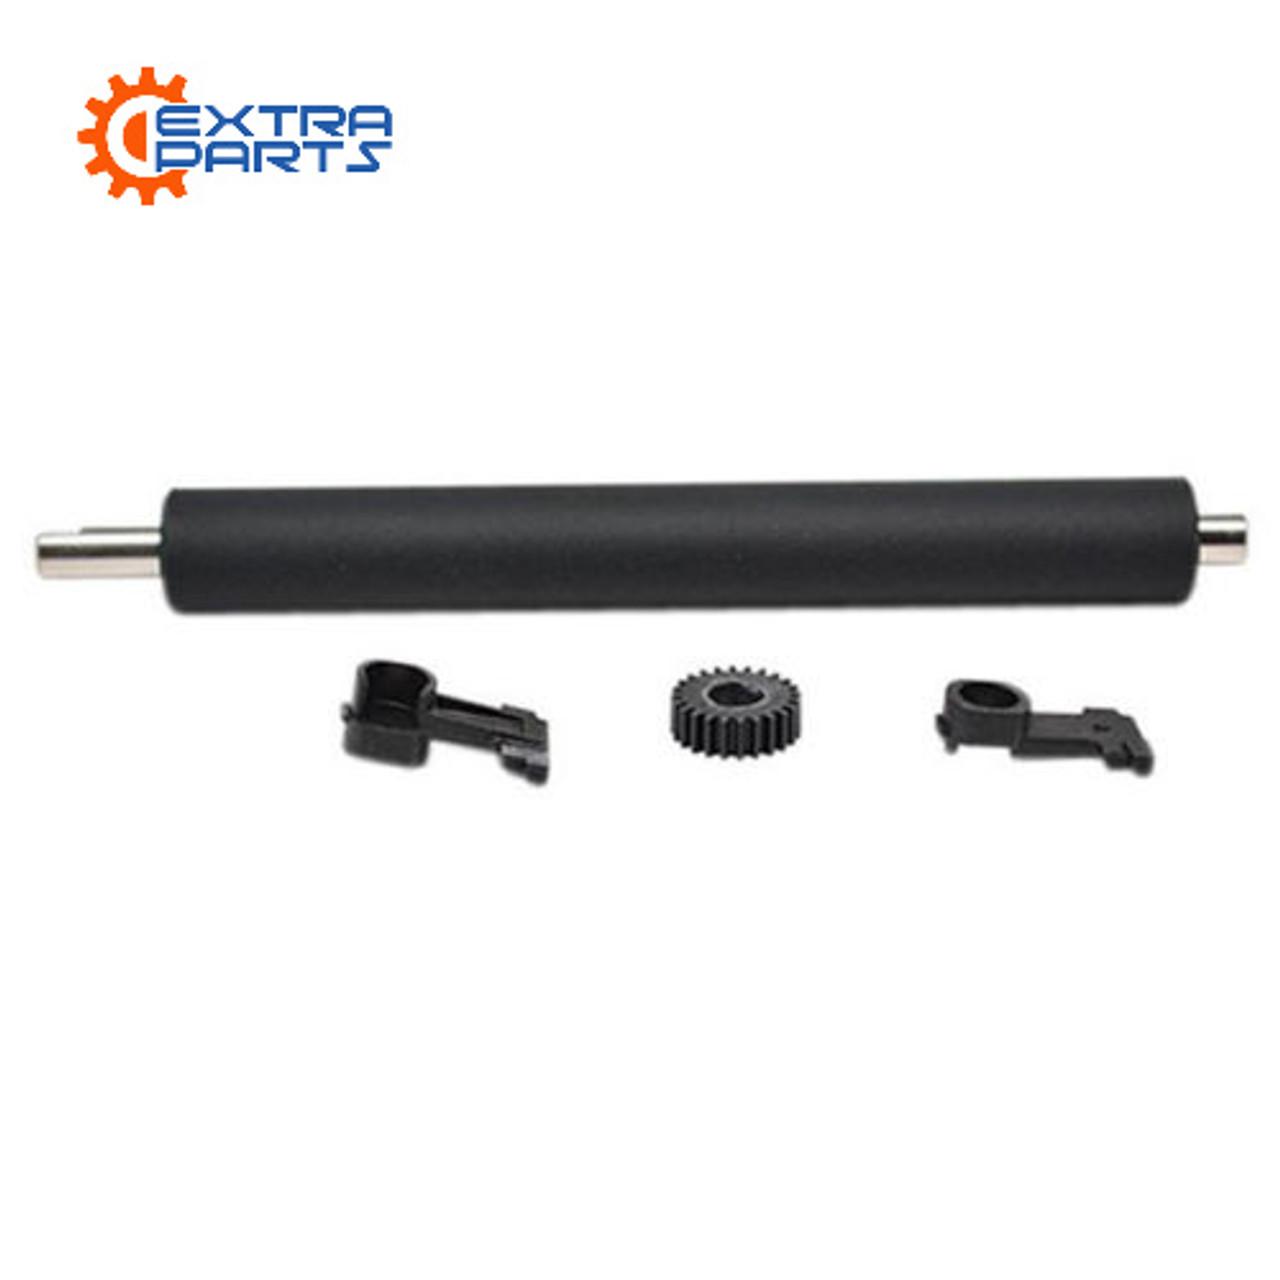 Platen Roller for Zebra GK420t GX430t Thermal Label Printer P//N 105934-035